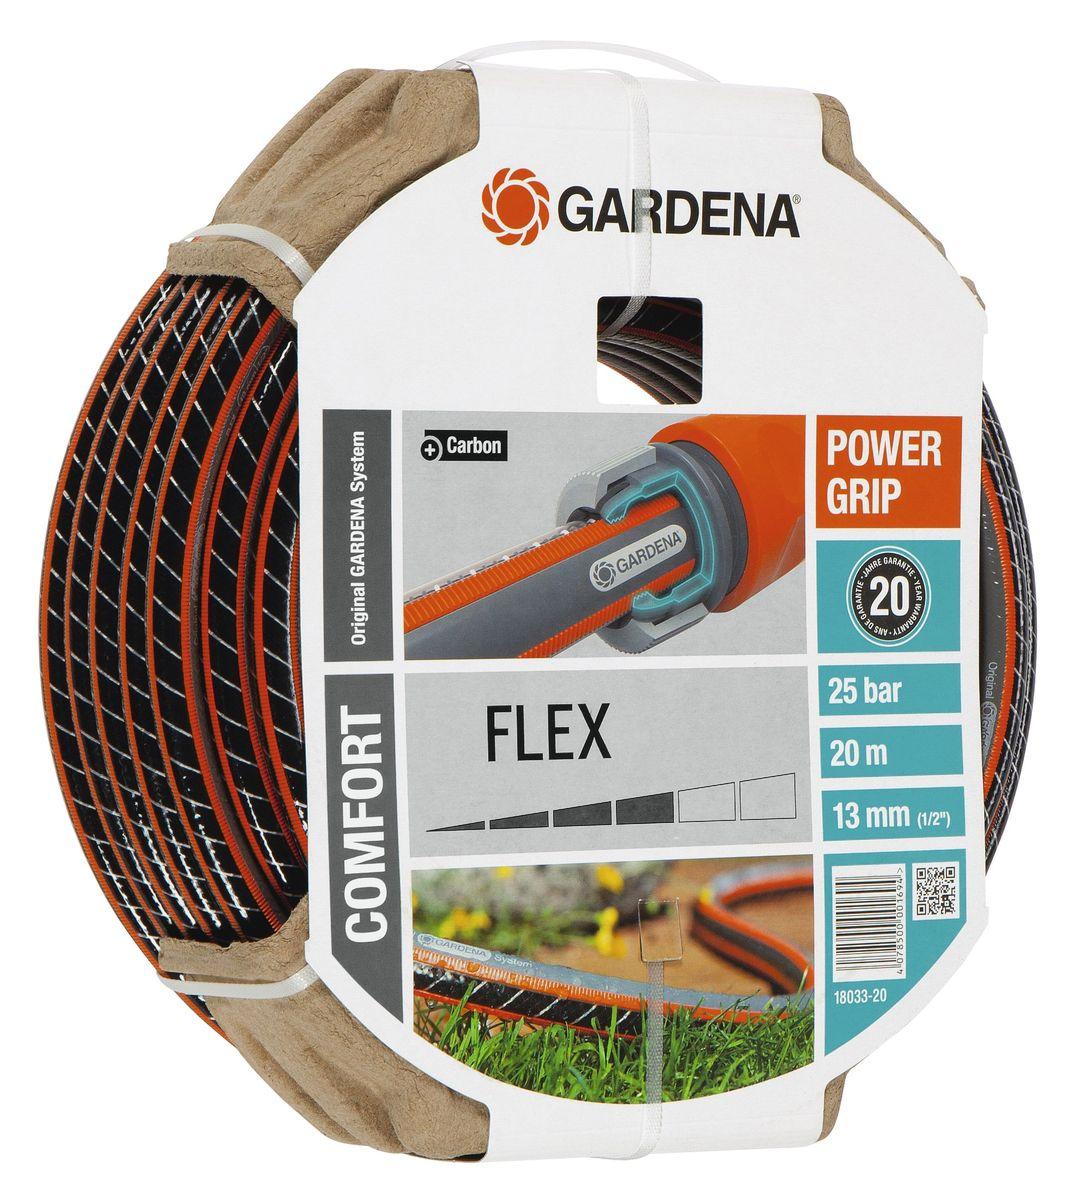 Шланг Gardena Flex, диаметр 1/2, длина 20 м96515412Шланг Gardena Flex с ребристым профилем Power Grip подходит для идеального соединения с коннекторами базовой системы полива. Устойчив к высокому давлению и сохраняет формы благодаря спиралевидному текстильному армированию, усиленному углеродом.Не перегибается, не спутывается.